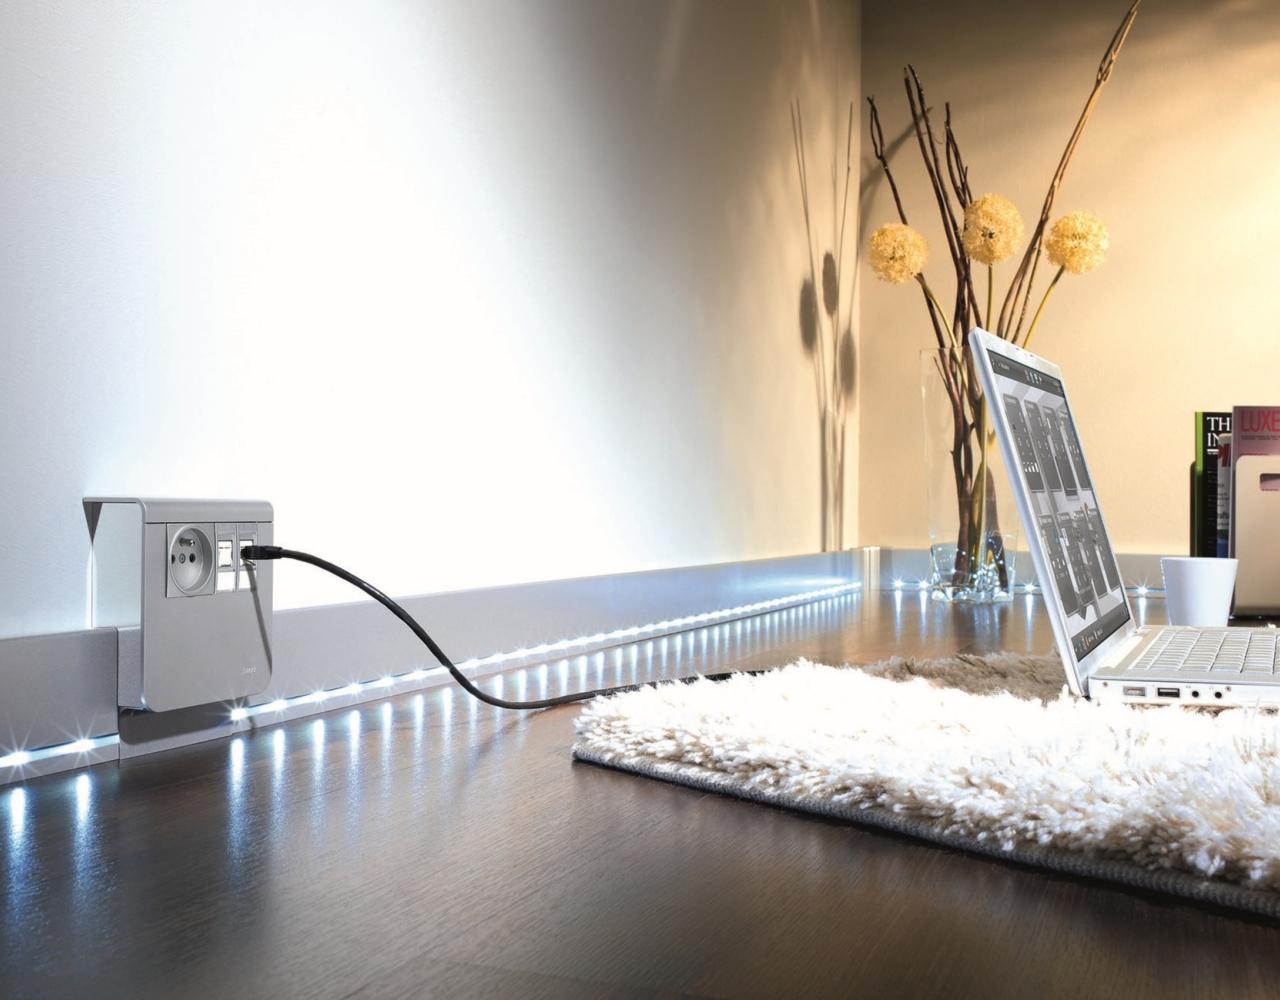 elektroinstalacyjne listwy przypodłogowe tehalit.SL firmy Hager